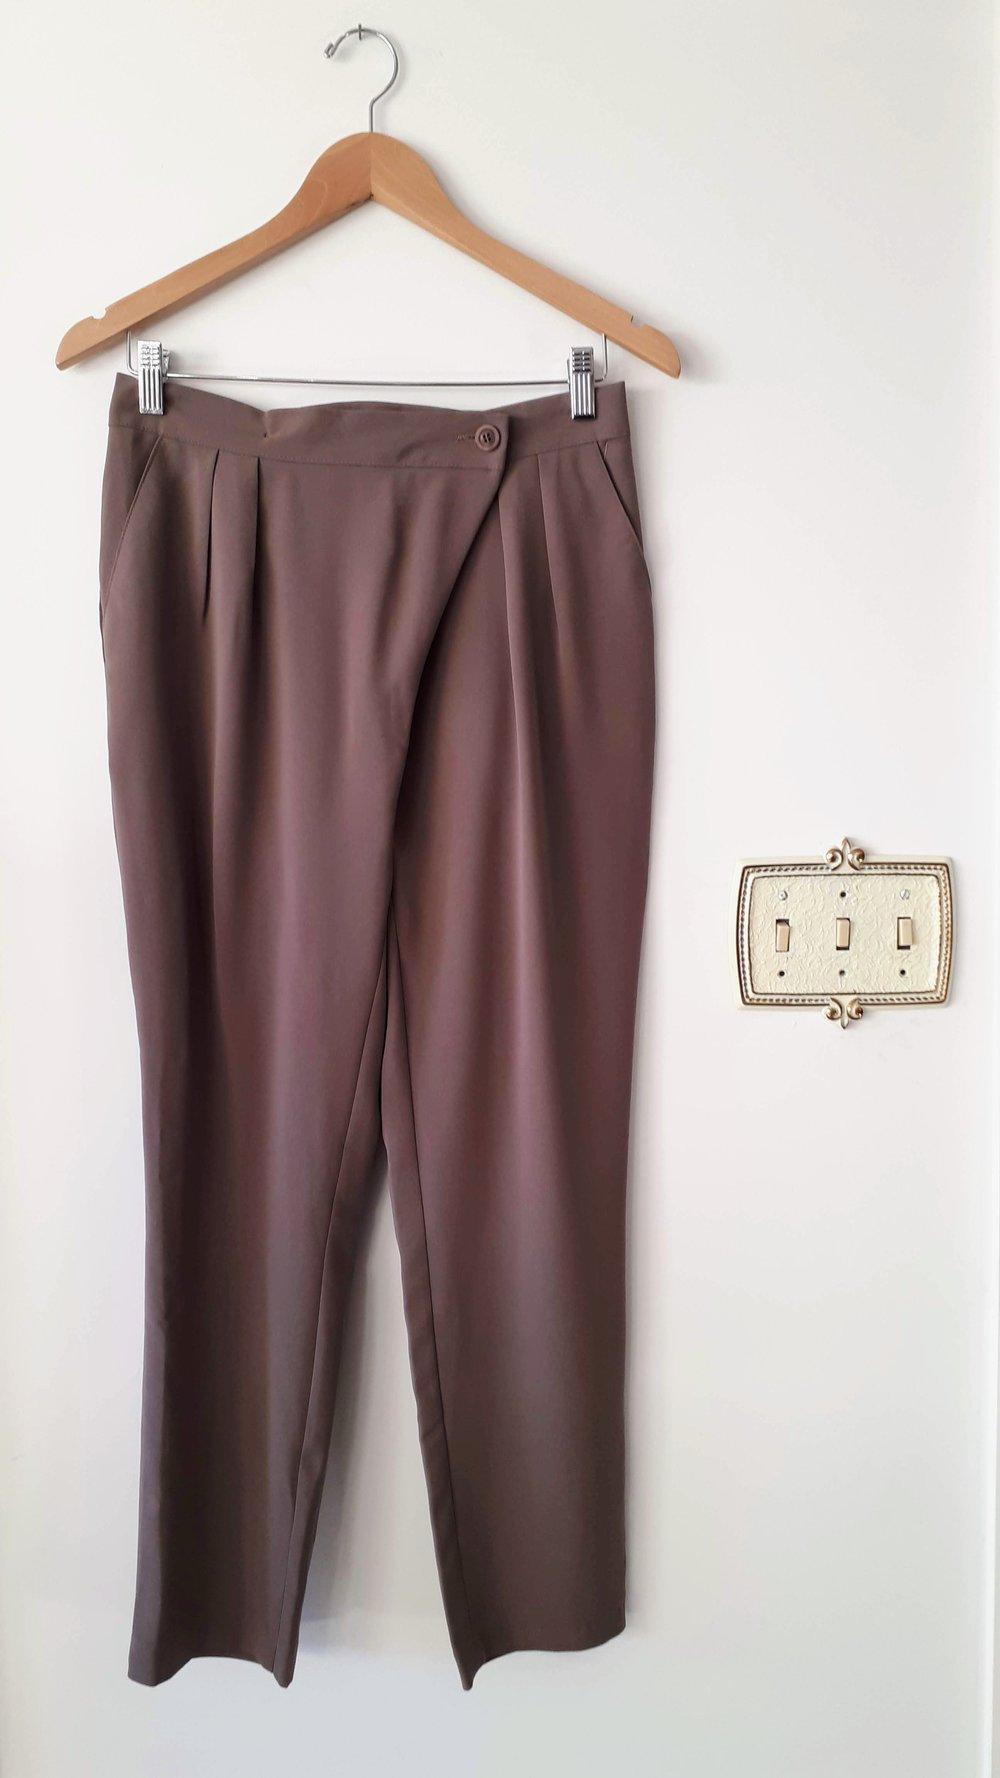 Oak+Fort pants; Size M, $48